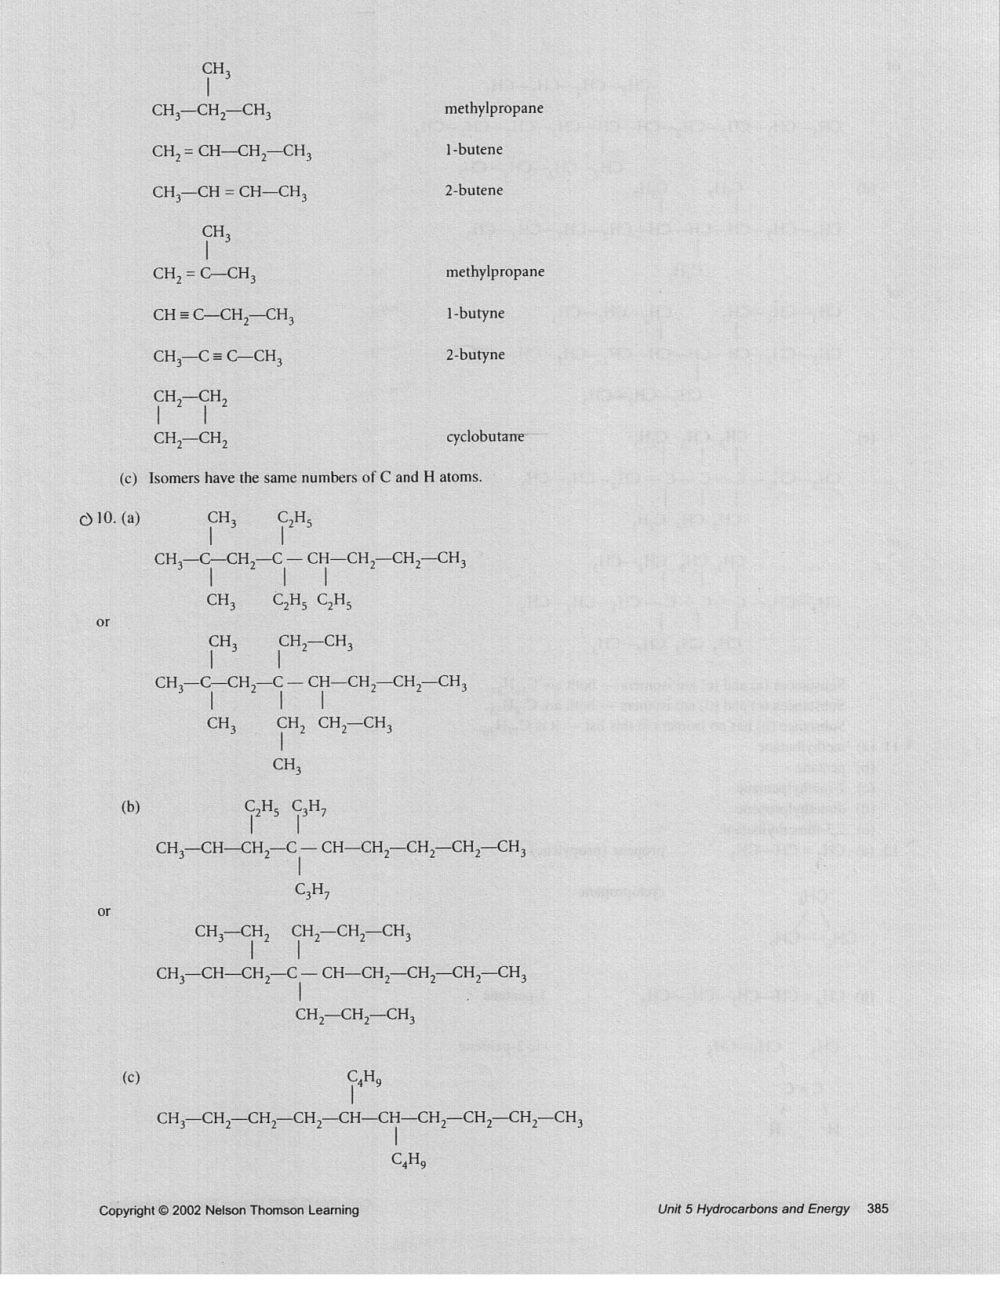 medium resolution of mathball / Grade 11 Chemistry sem 1 09-10